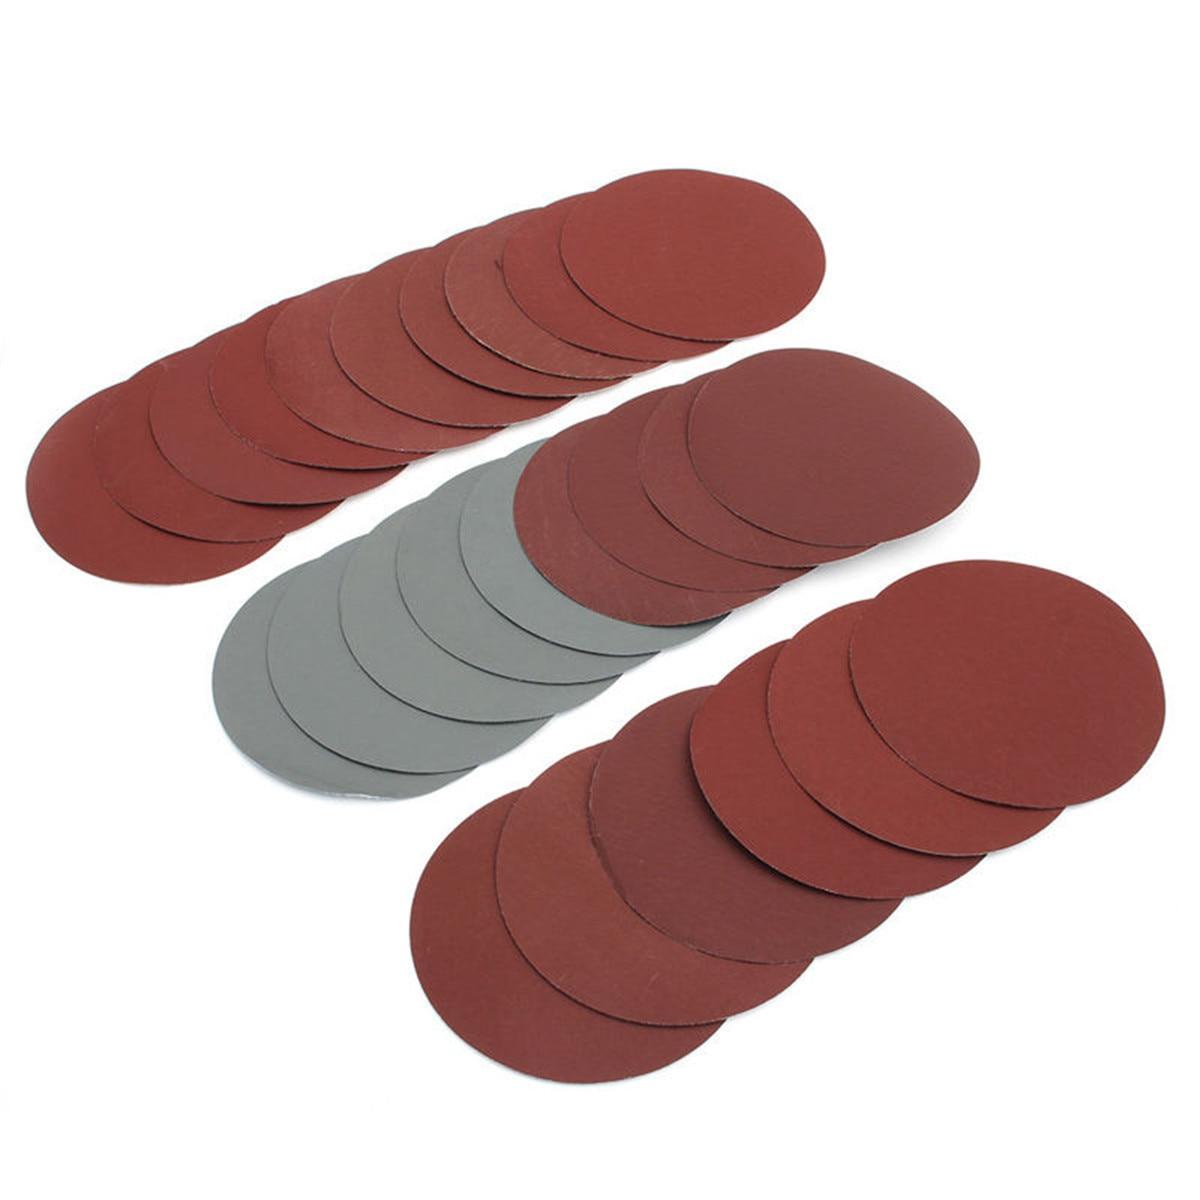 25pcs/Set Round Sandpaper Disk Sand Sheets Grit 600-3000 Hook Loop Sanding Disc For Sander Grits Abrasive Tools 150mm 6 Inch